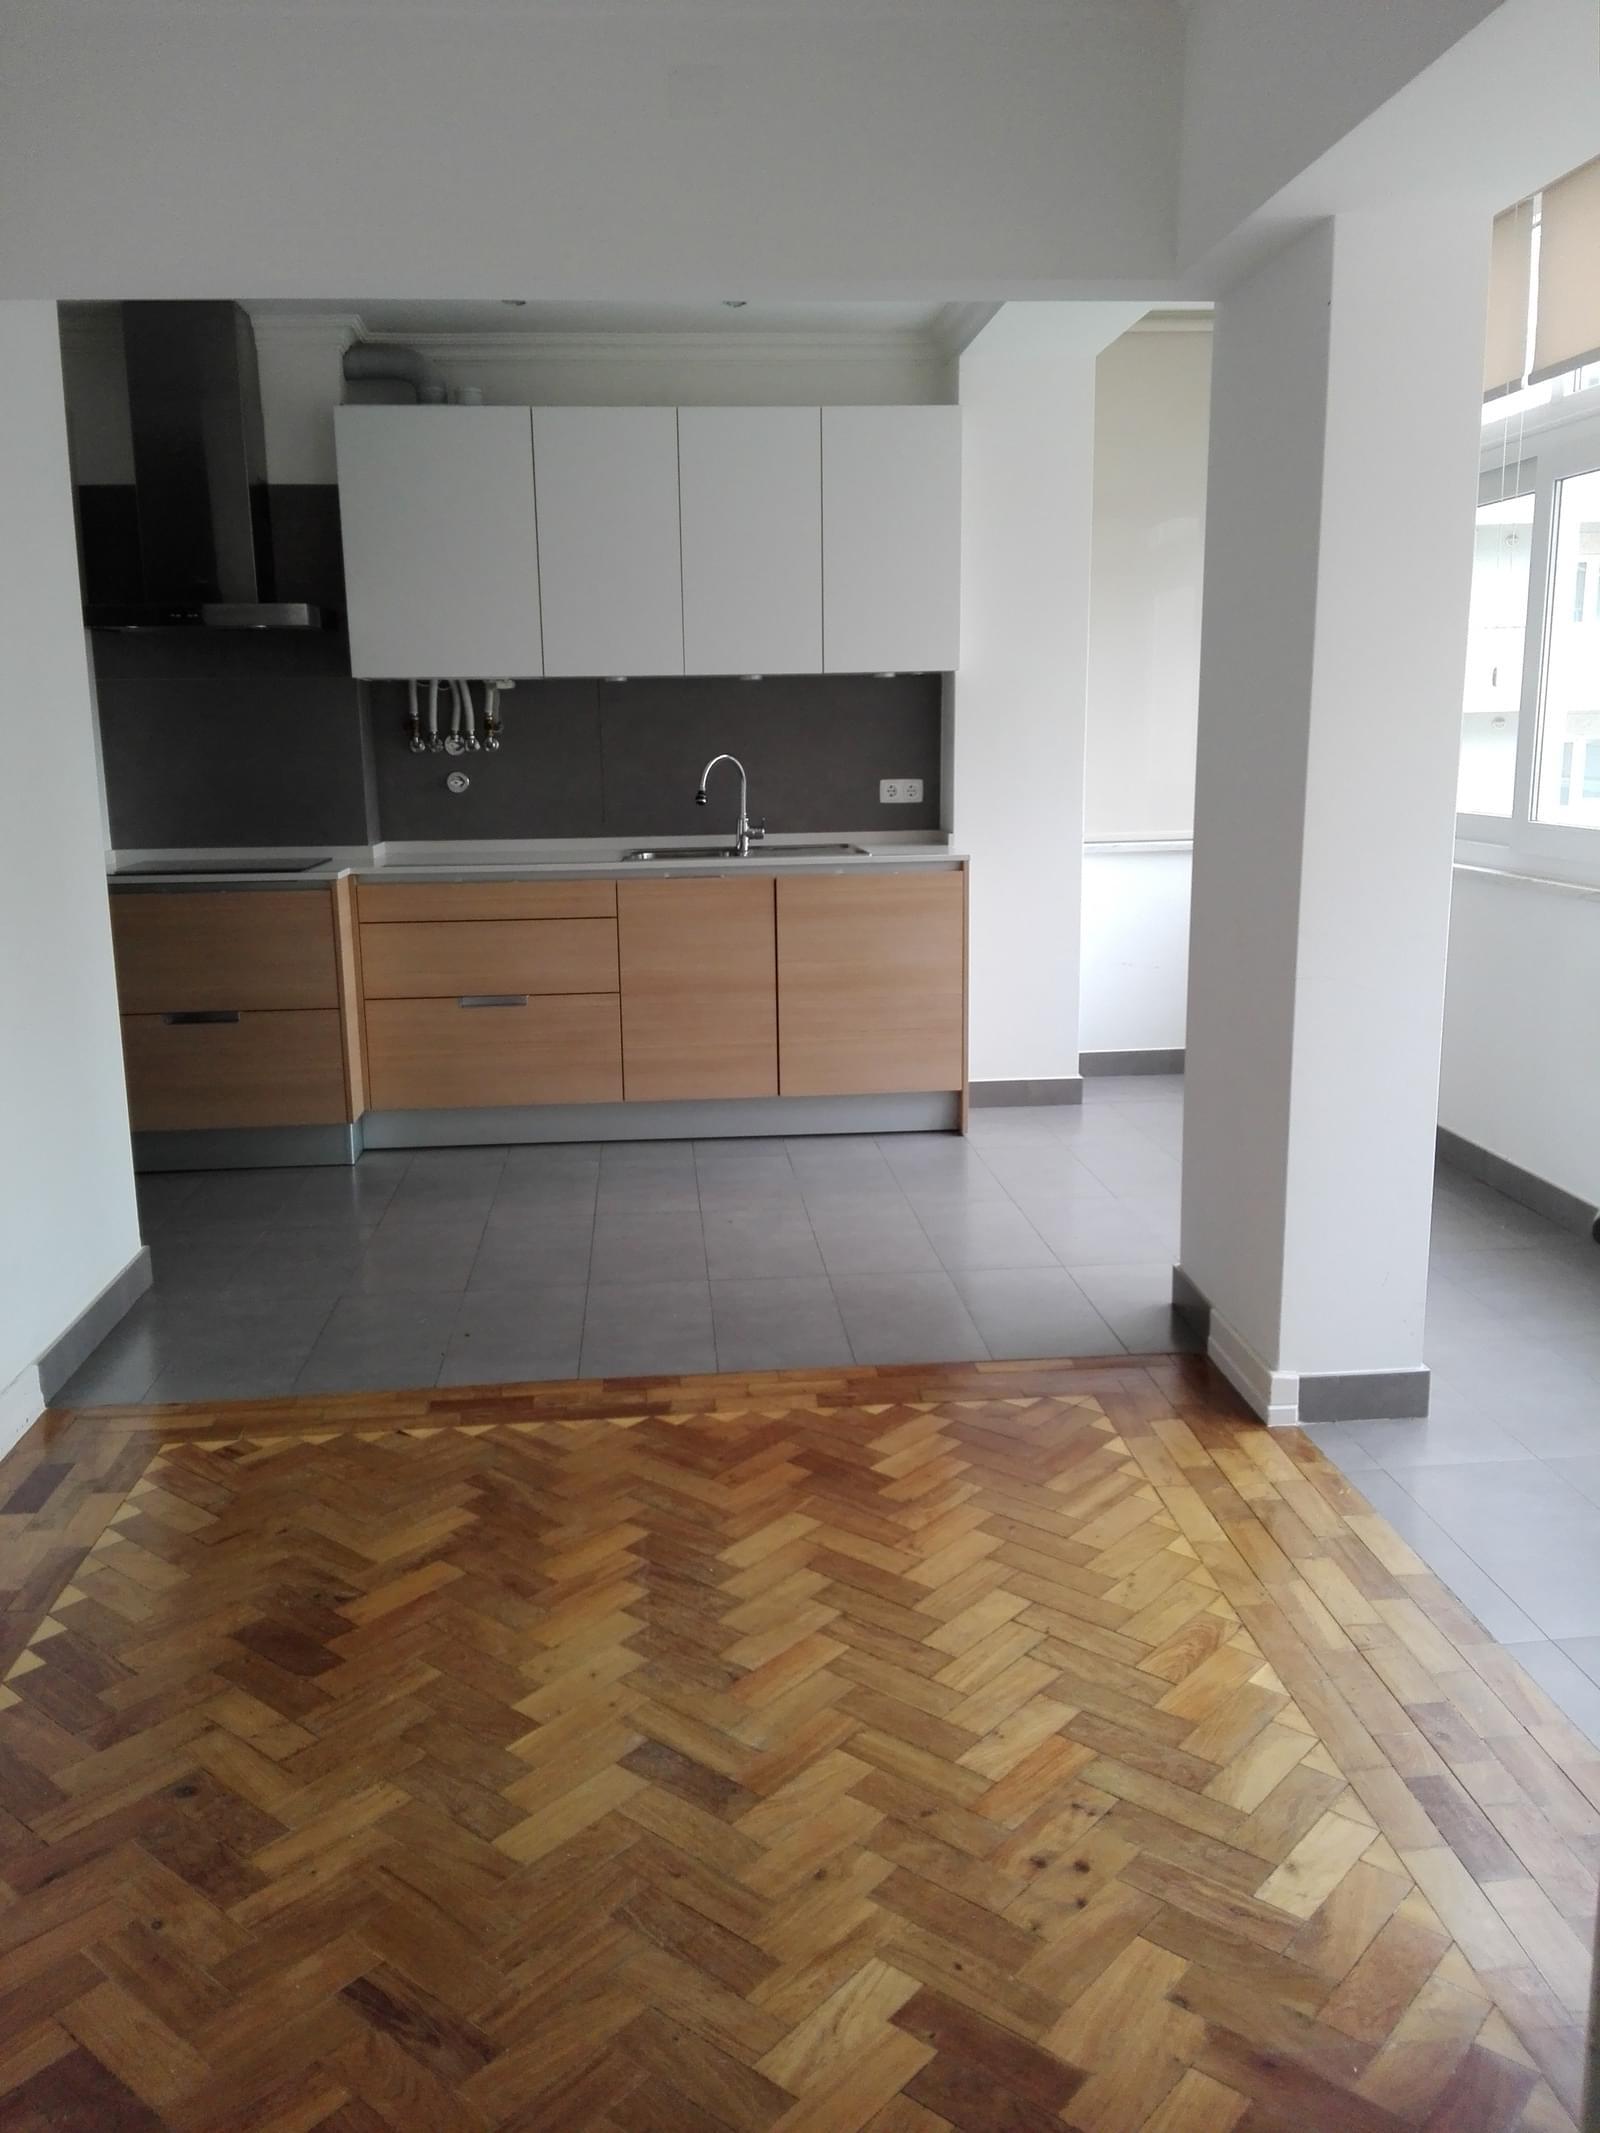 pf17056-apartamento-t4-1-lisboa-6b650770-d1fe-4a38-a45f-9633cafb54b4